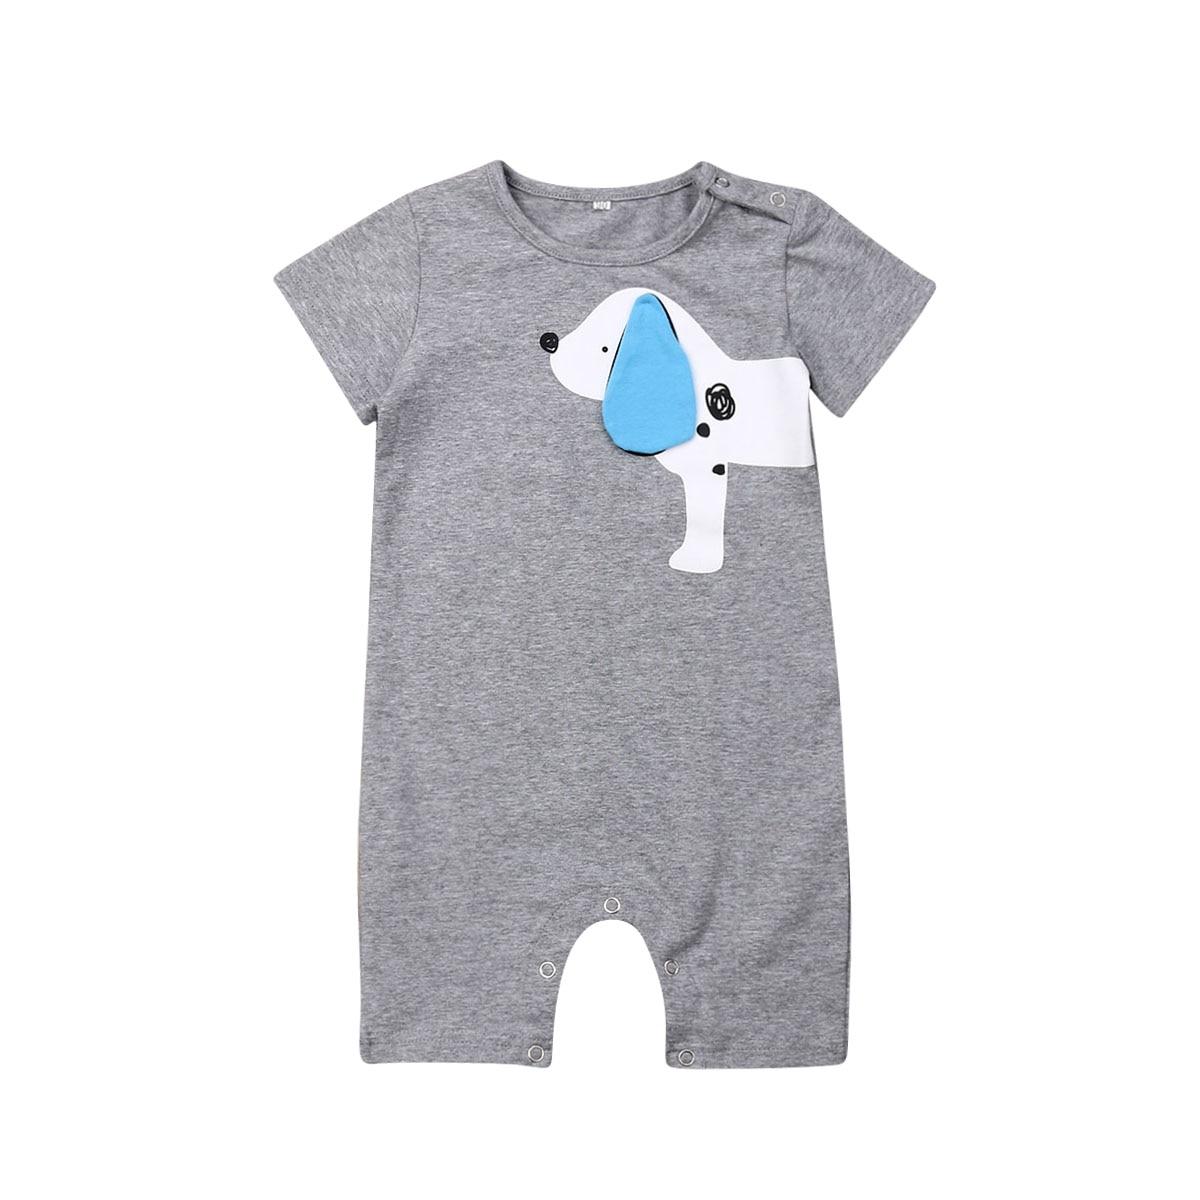 0 3 T Bayi Gambar Kartun Satu Potong Baju Monyet Bayi Yang Baru Lahir Untuk Anak Bayi Baju Monyet Jumpsuit Pakaian Set Romper Aliexpress